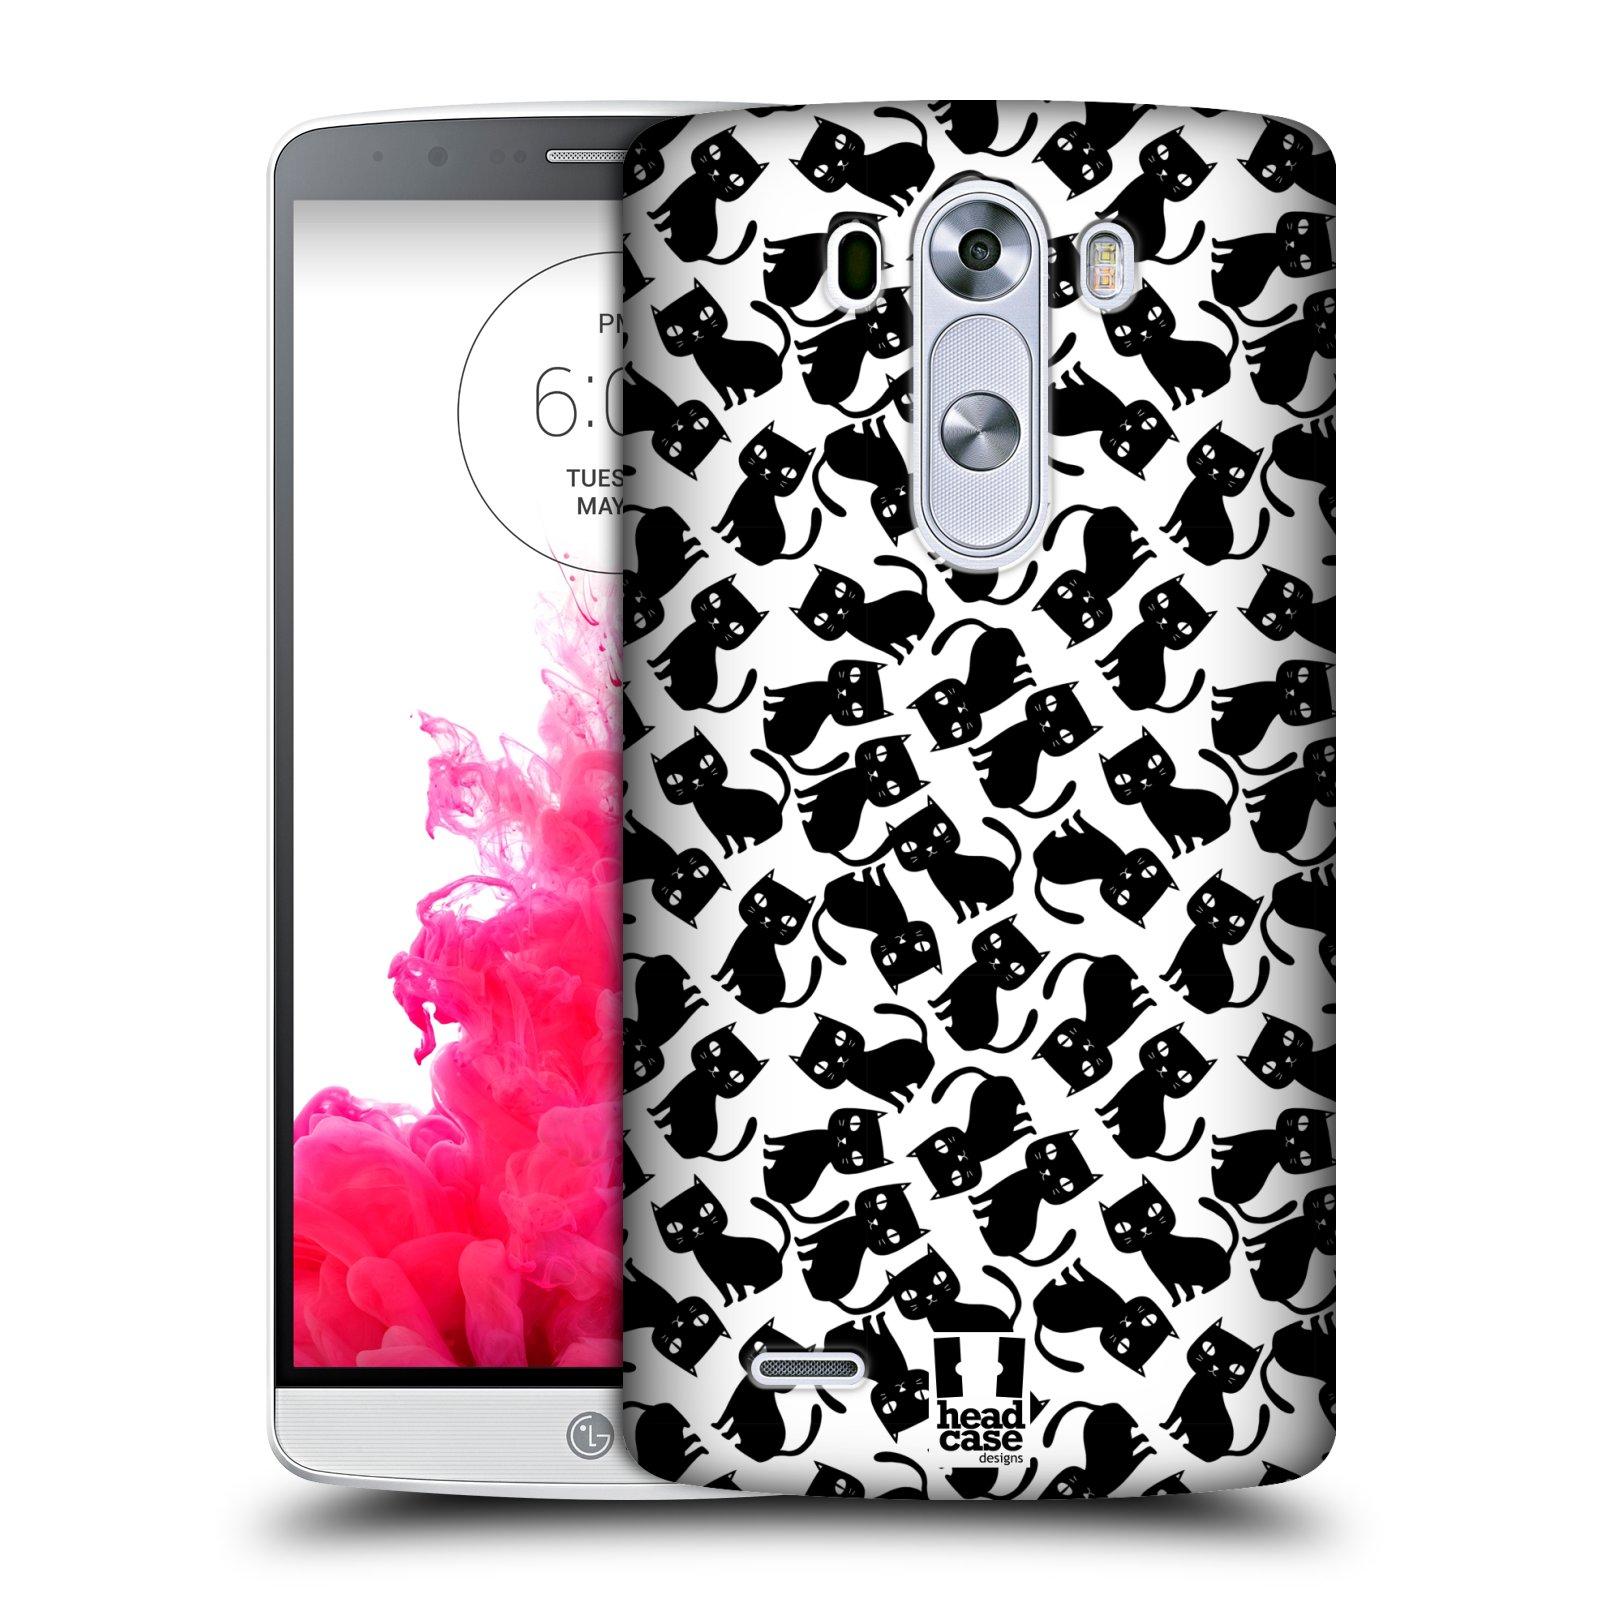 Plastové pouzdro na mobil LG G3 HEAD CASE KOČKY Black Pattern (Kryt či obal na mobilní telefon LG G3 D855)